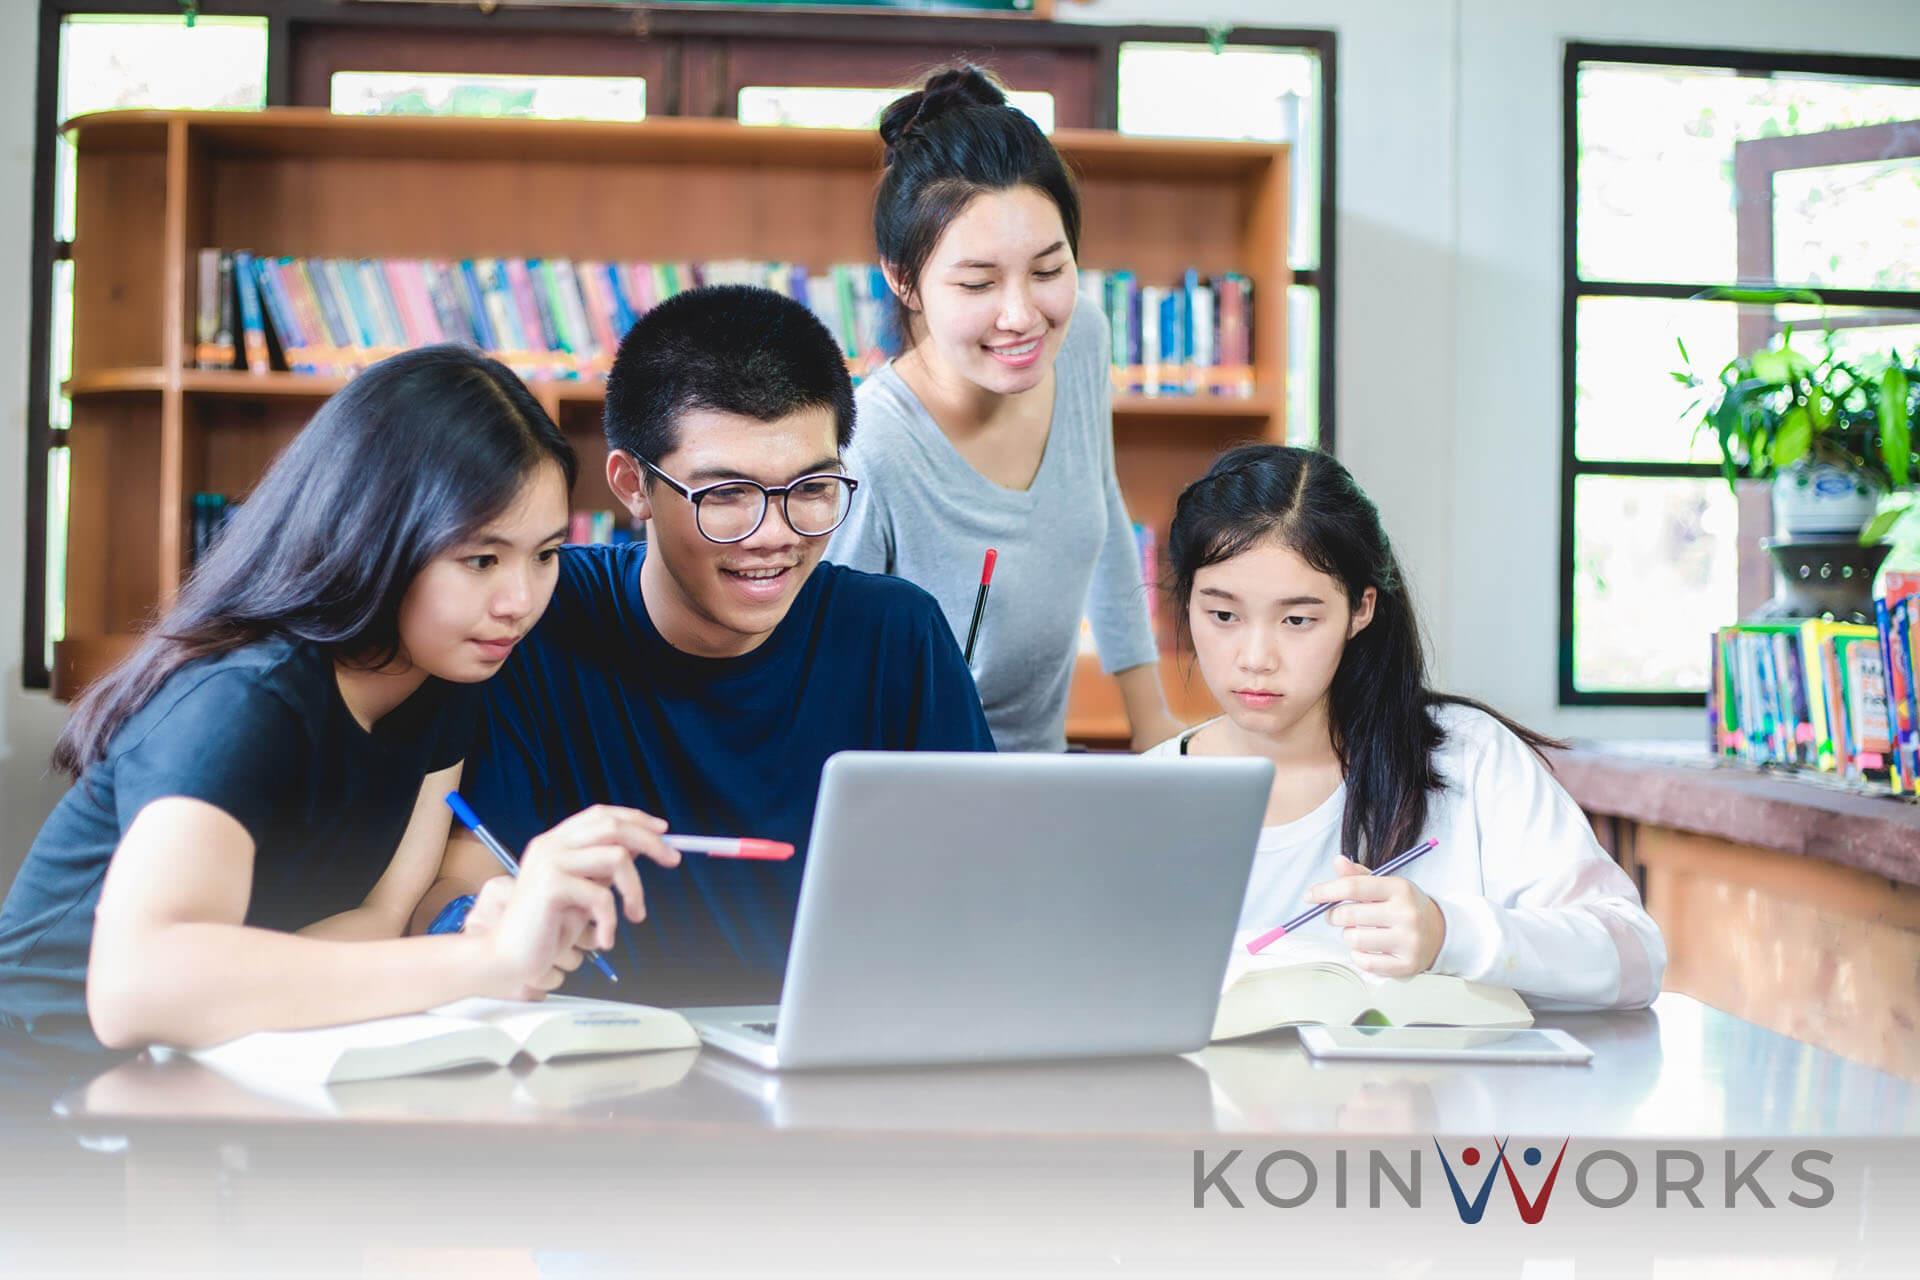 4 Trik Mudah agar Anda Rajin Belajar Setiap Hari (16) - 5 Mitos Tentang Belajar Bahasa Asing yang Tidak Perlu Dipercaya - Cara Menggunakan Umpan Balik Demi Meningkatkan Kemampuan Belajar